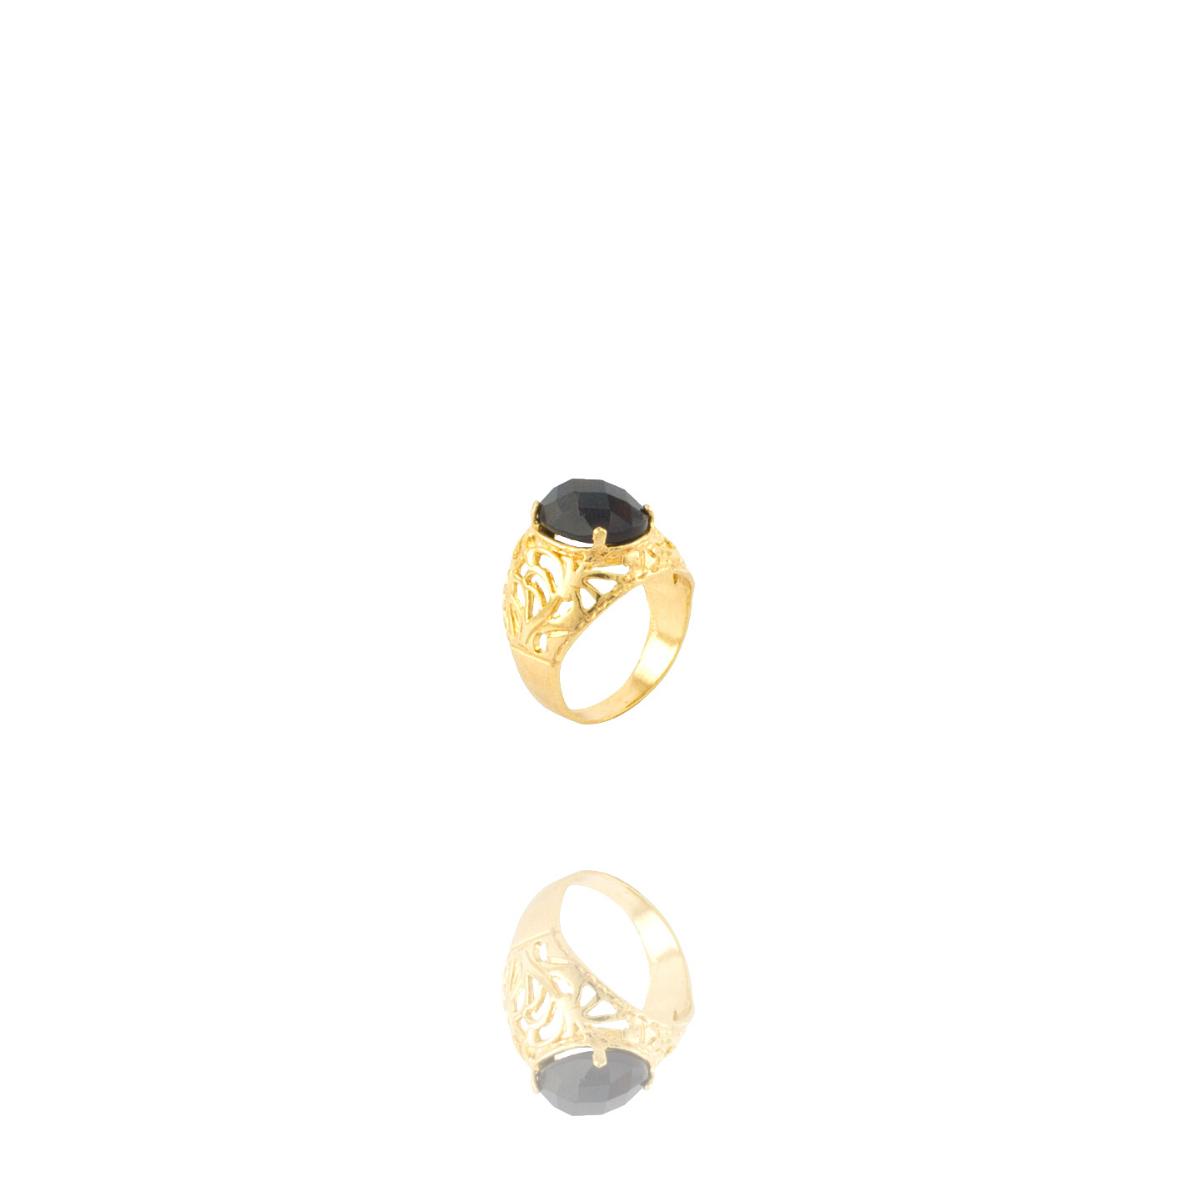 Anel Barbara Strauss Semi Joia Lyon Em Resina Lalique Preto, Rev. Em Ouro Amarelo 18K